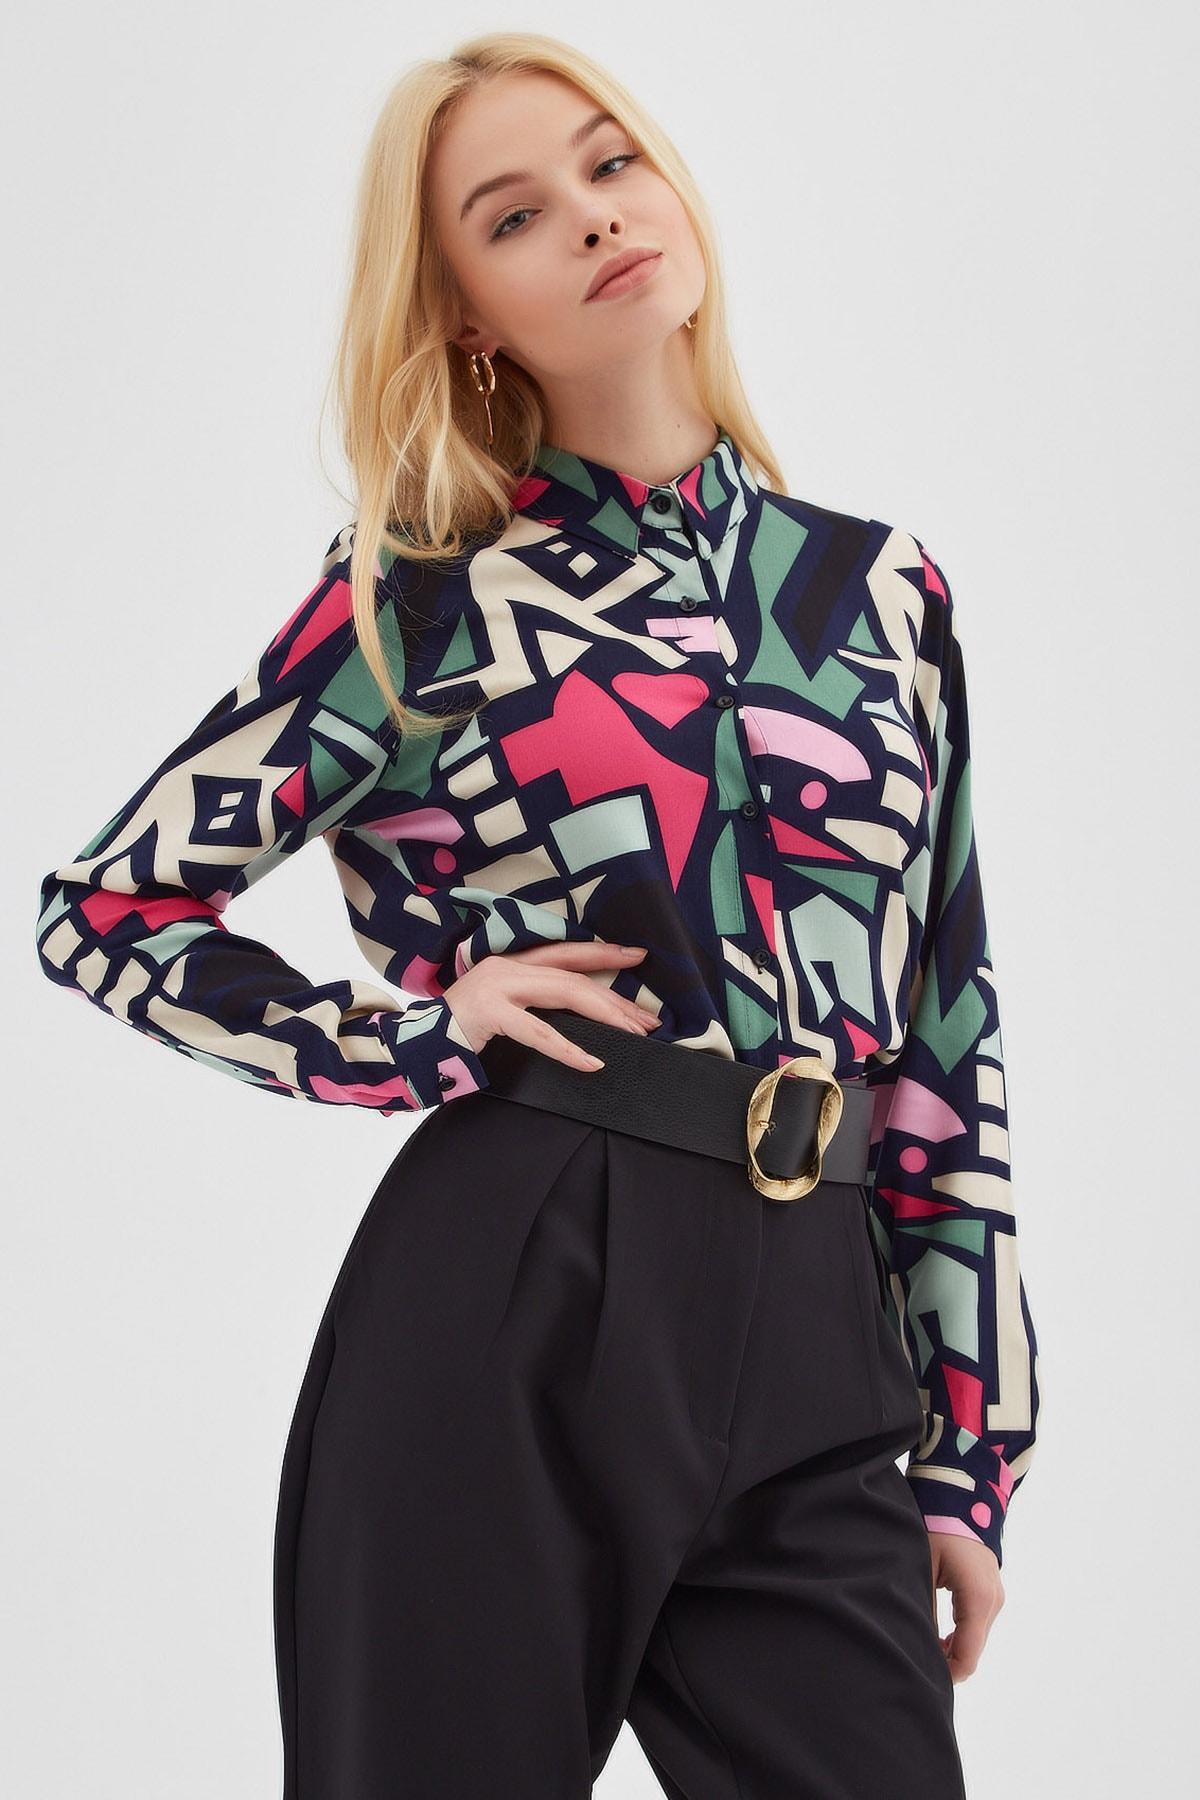 Kadın Grafik Desenli Uzun Kollu Viskon Gömlek P21s110-6373